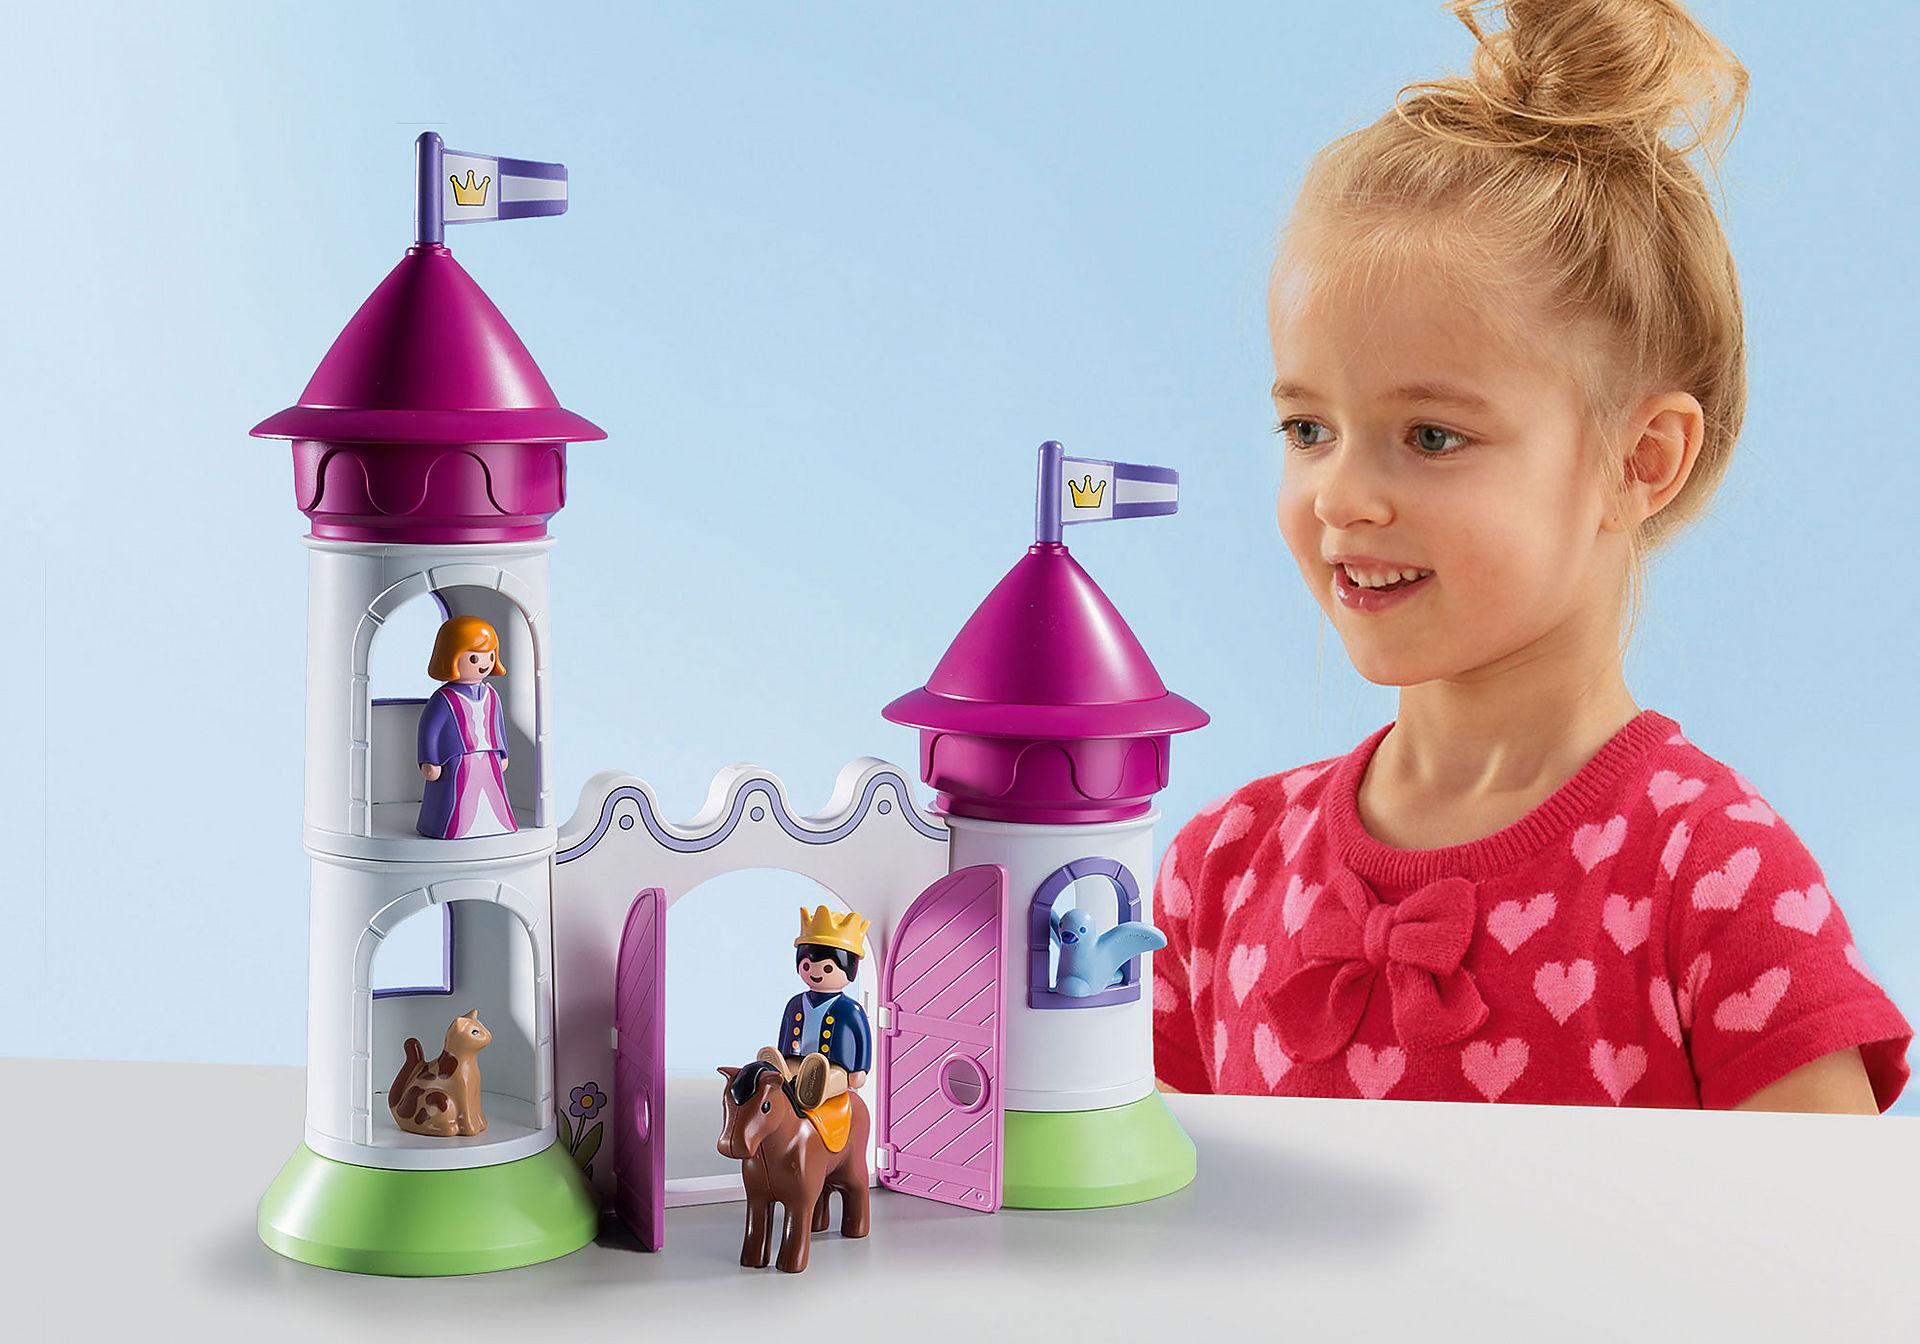 http://media.playmobil.com/i/playmobil/9389_product_extra1/Château de princesse avec tours empilables